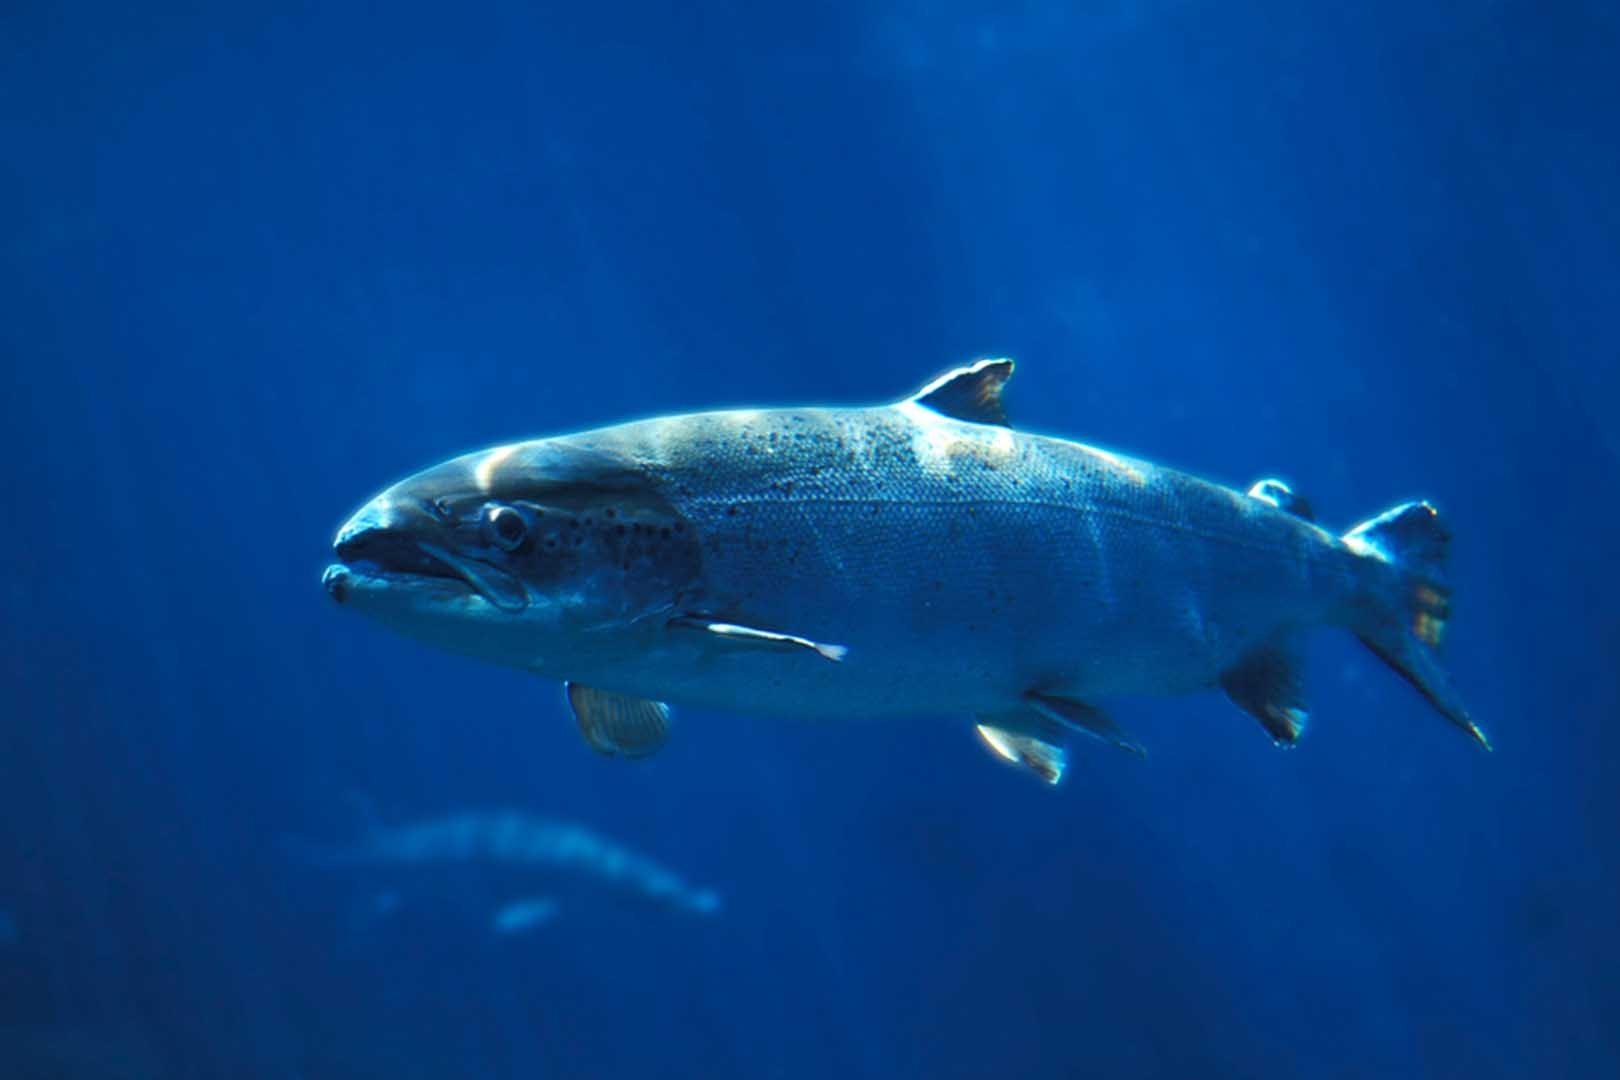 manfaat ikan salmon, manfaat ikan salmon untuk ibu hamil, manfaat ikan salmon untuk anak, manfaat minyak ikan salmon untuk ibu hamil